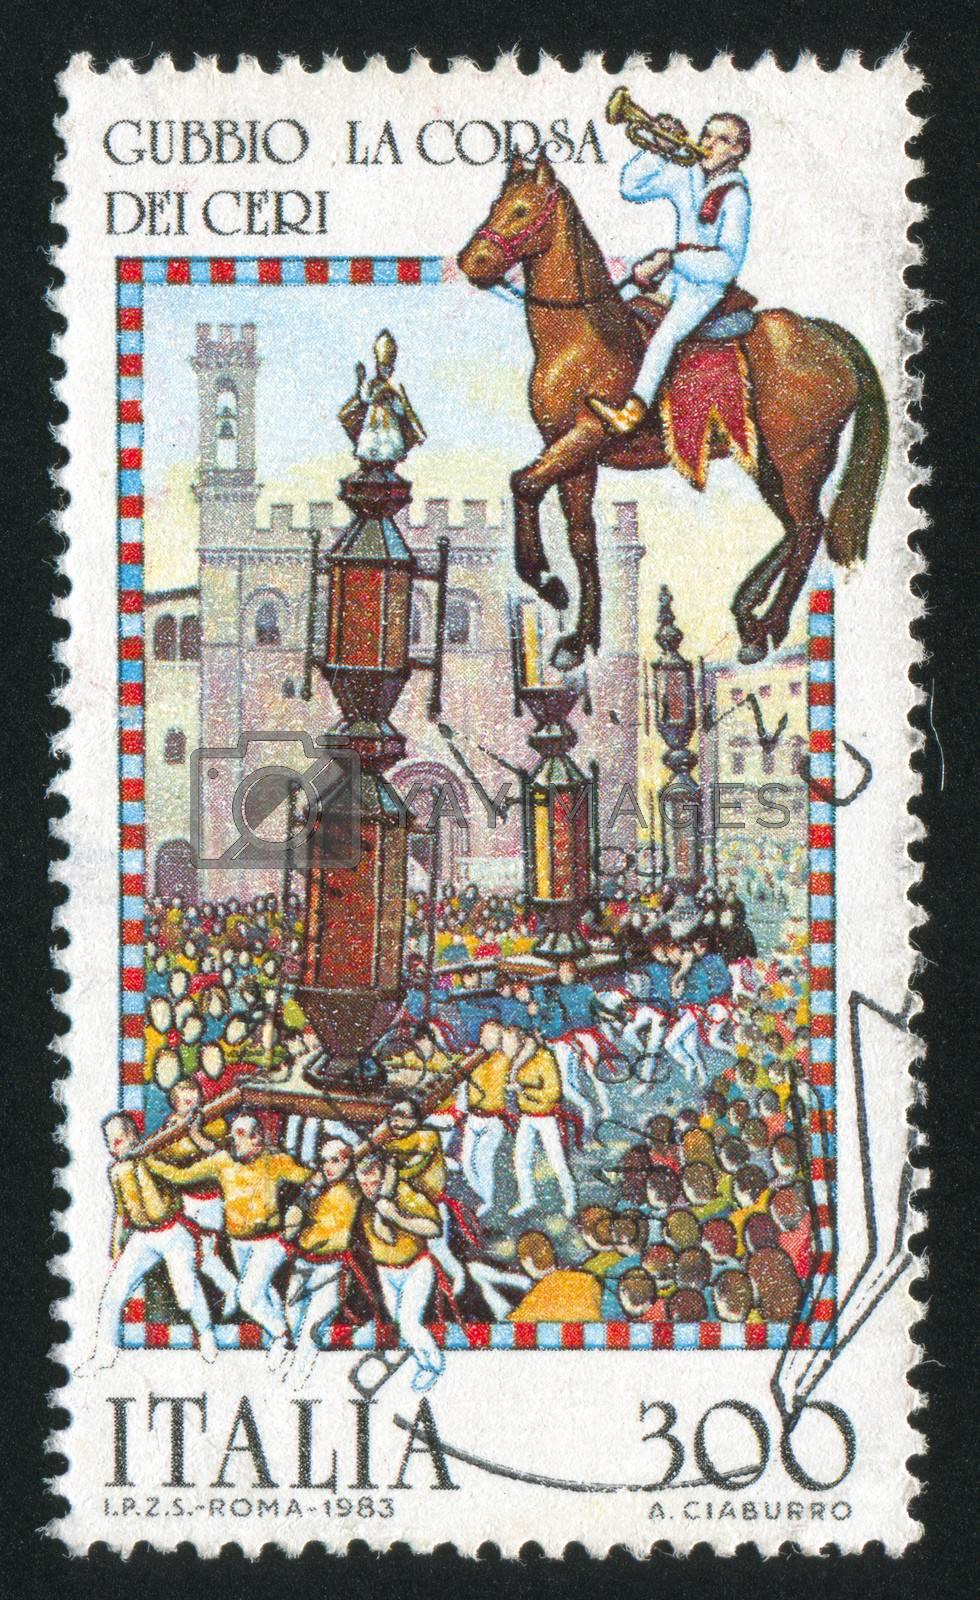 ITALY - CIRCA 1983: stamp printed by Italy, shows La Corsa Dei Ceri Procession, Gubbio, Folk Celebration, circa 1983